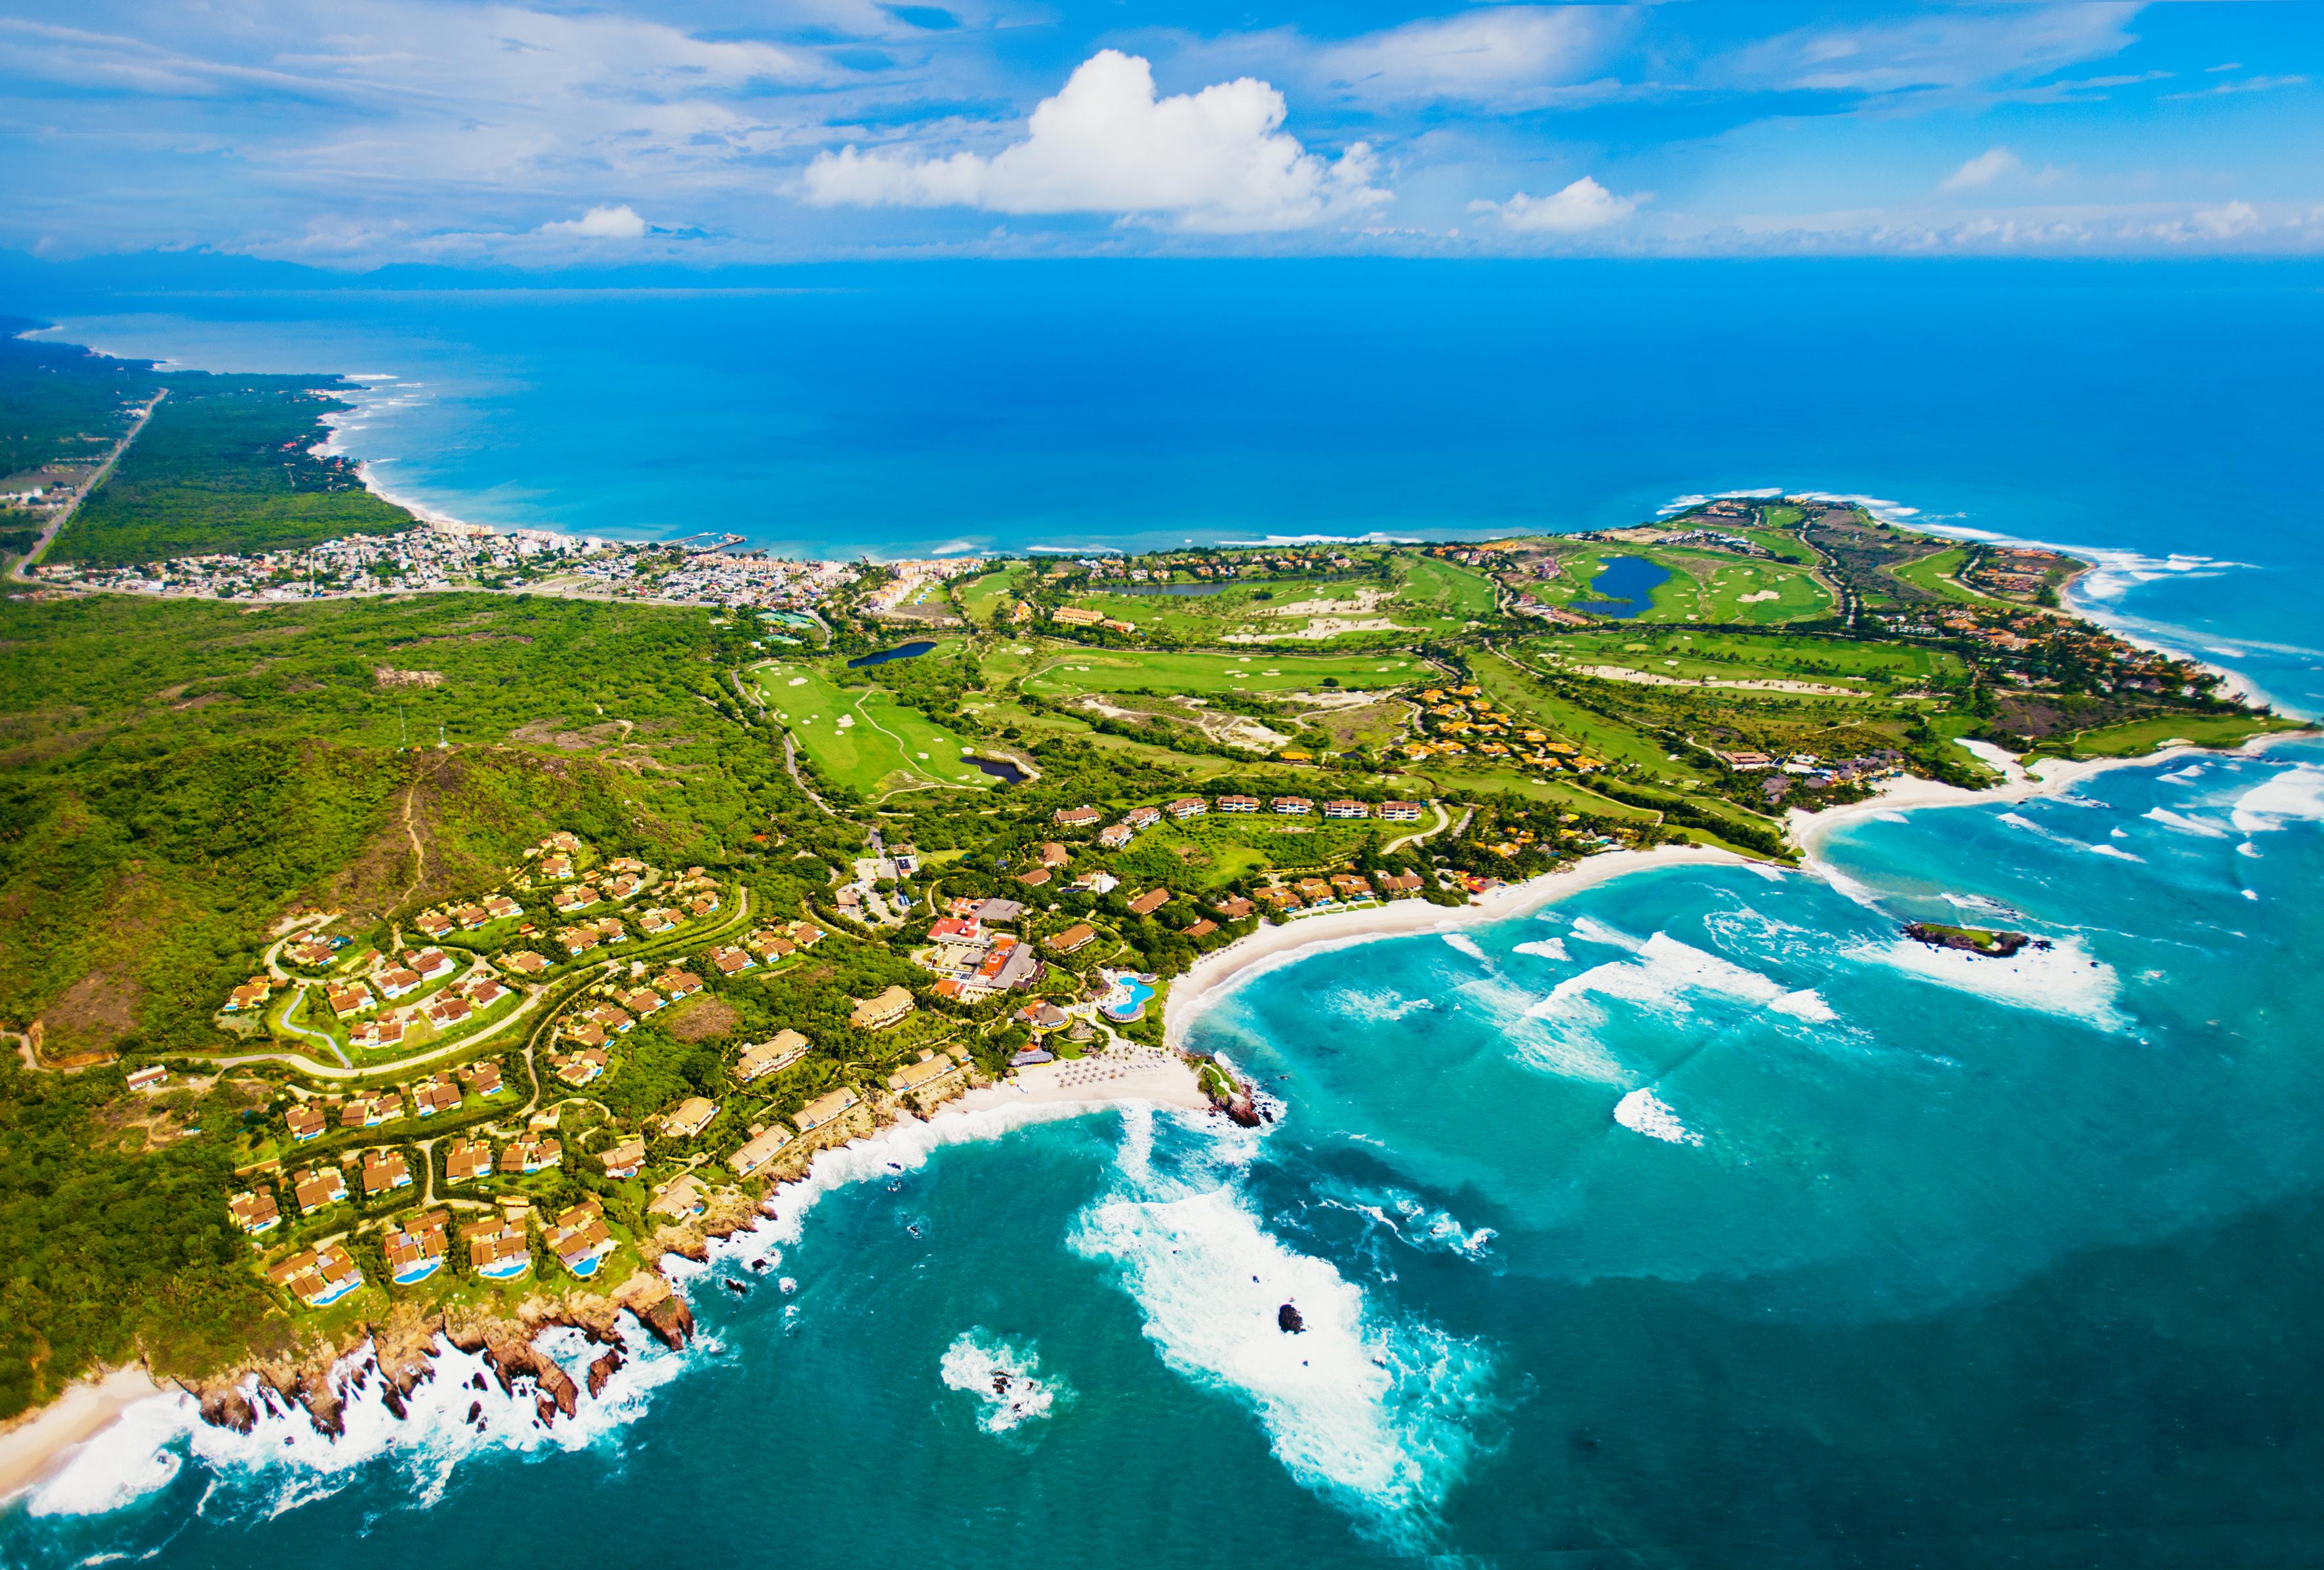 En la isla se encuentra un hotel Four Seasons